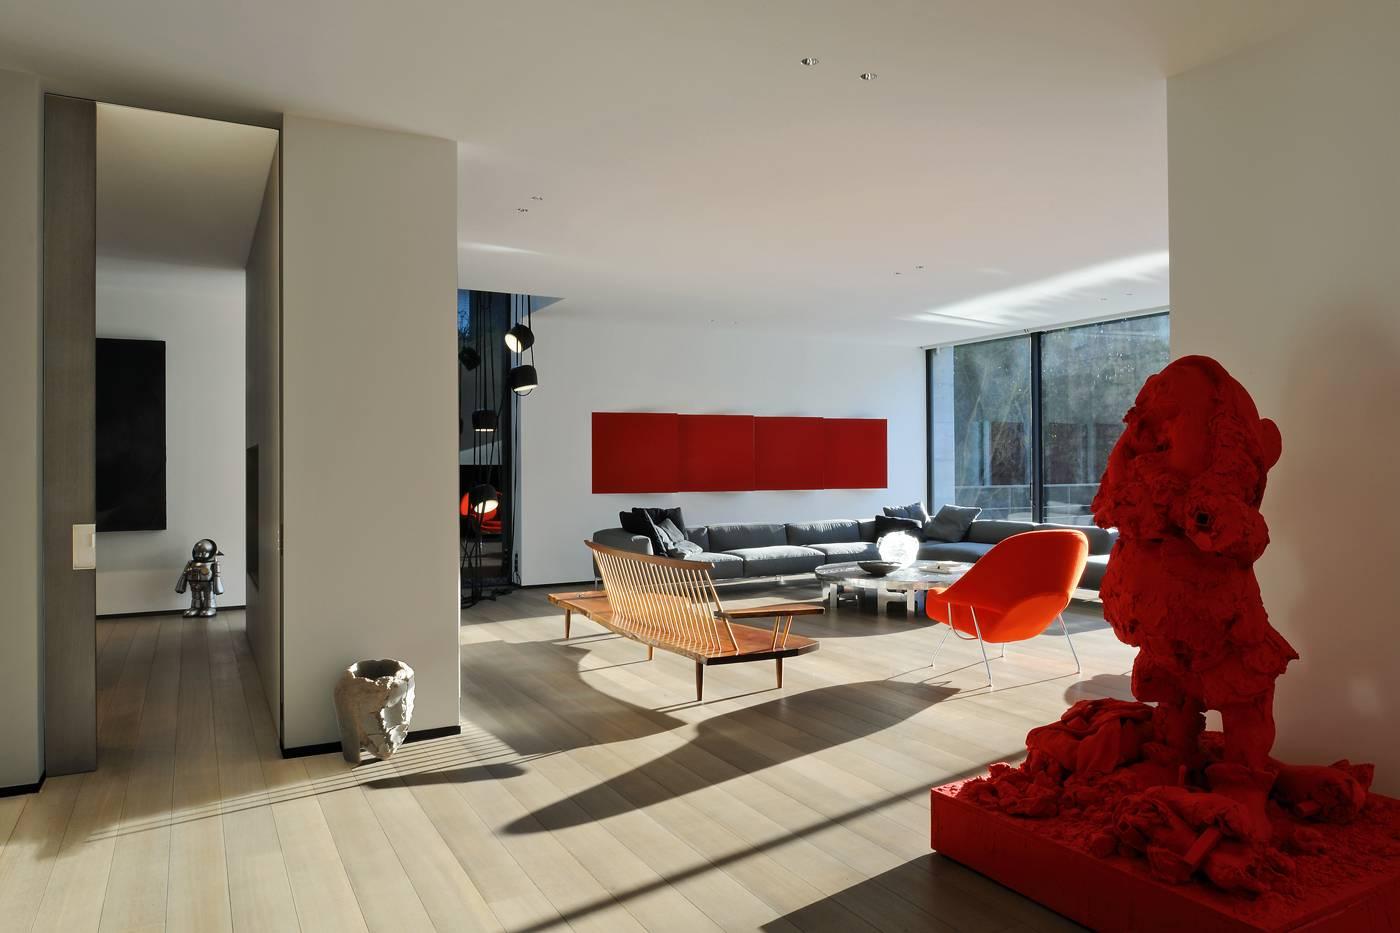 Le-luxe-de-lespace-architecture-rd-115_m-corbiau-hamoir-10